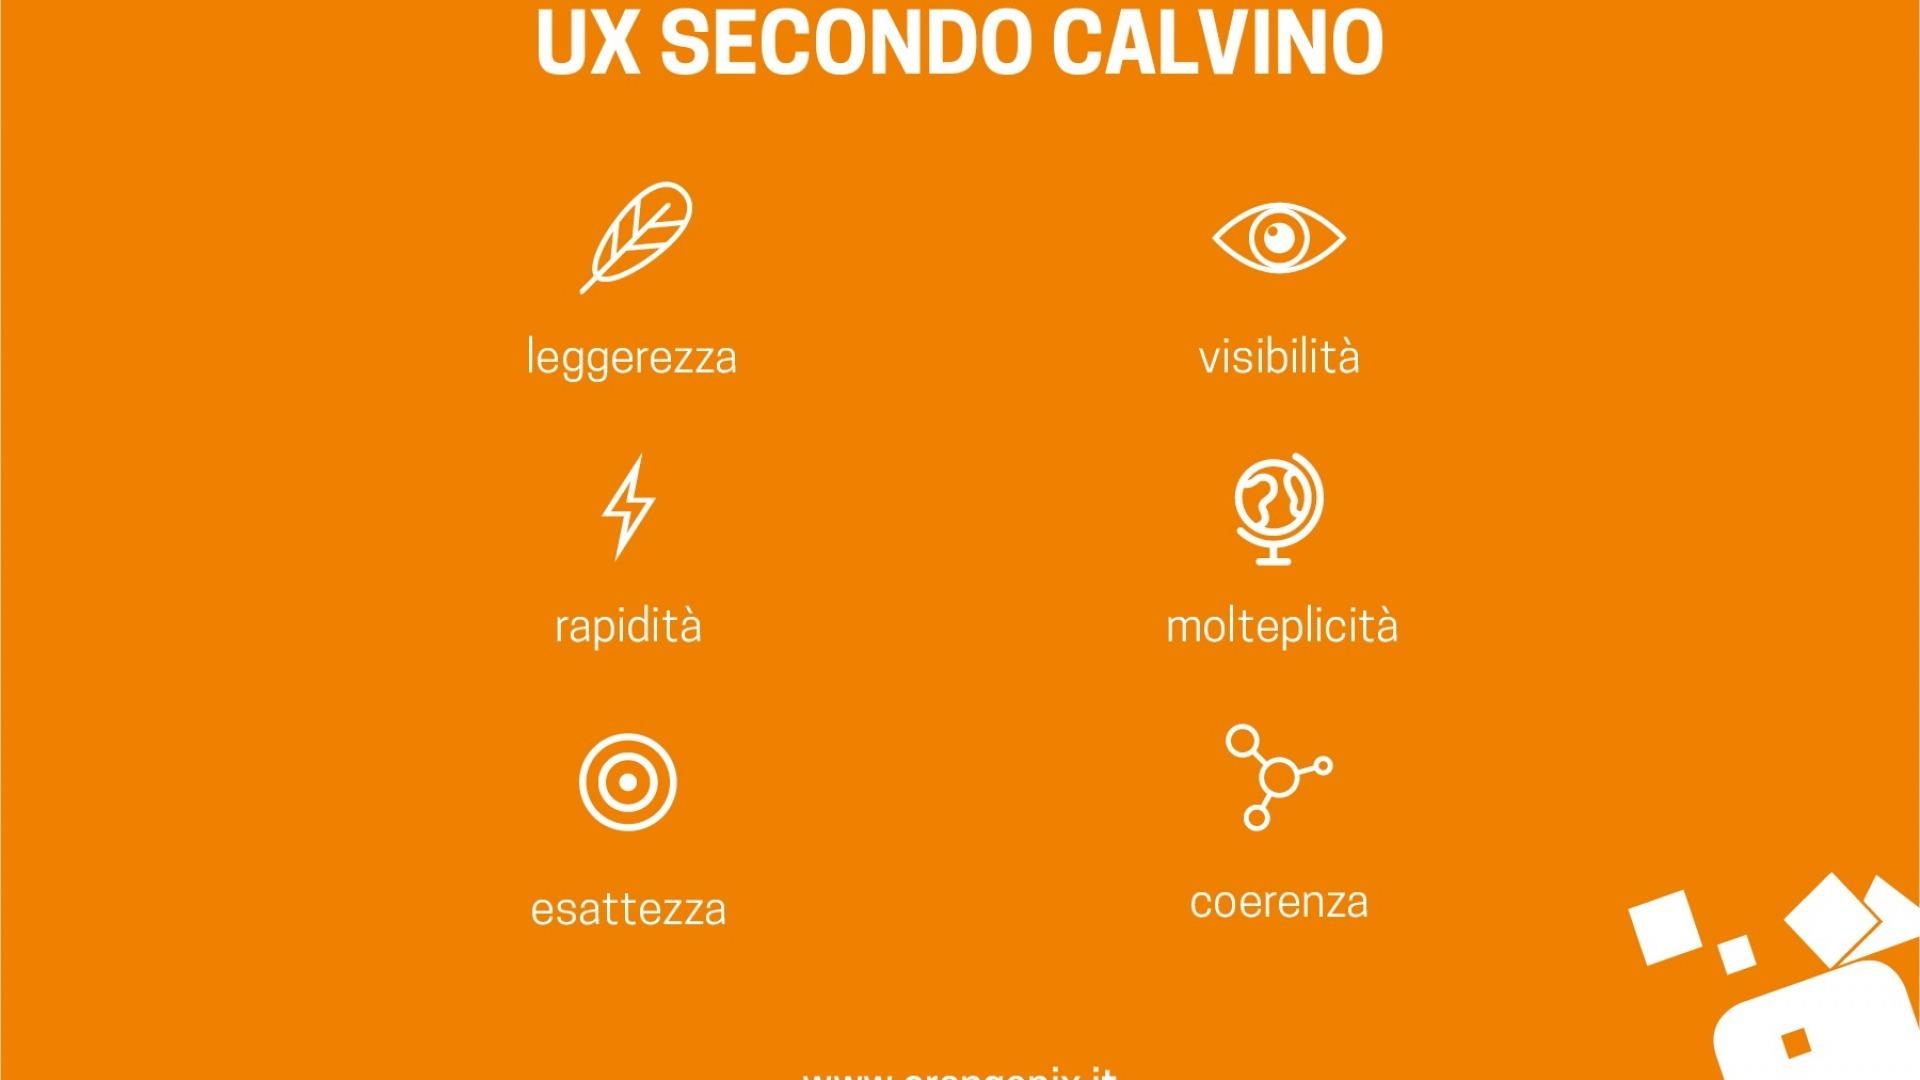 immagine blog L'User Experience secondo Calvino